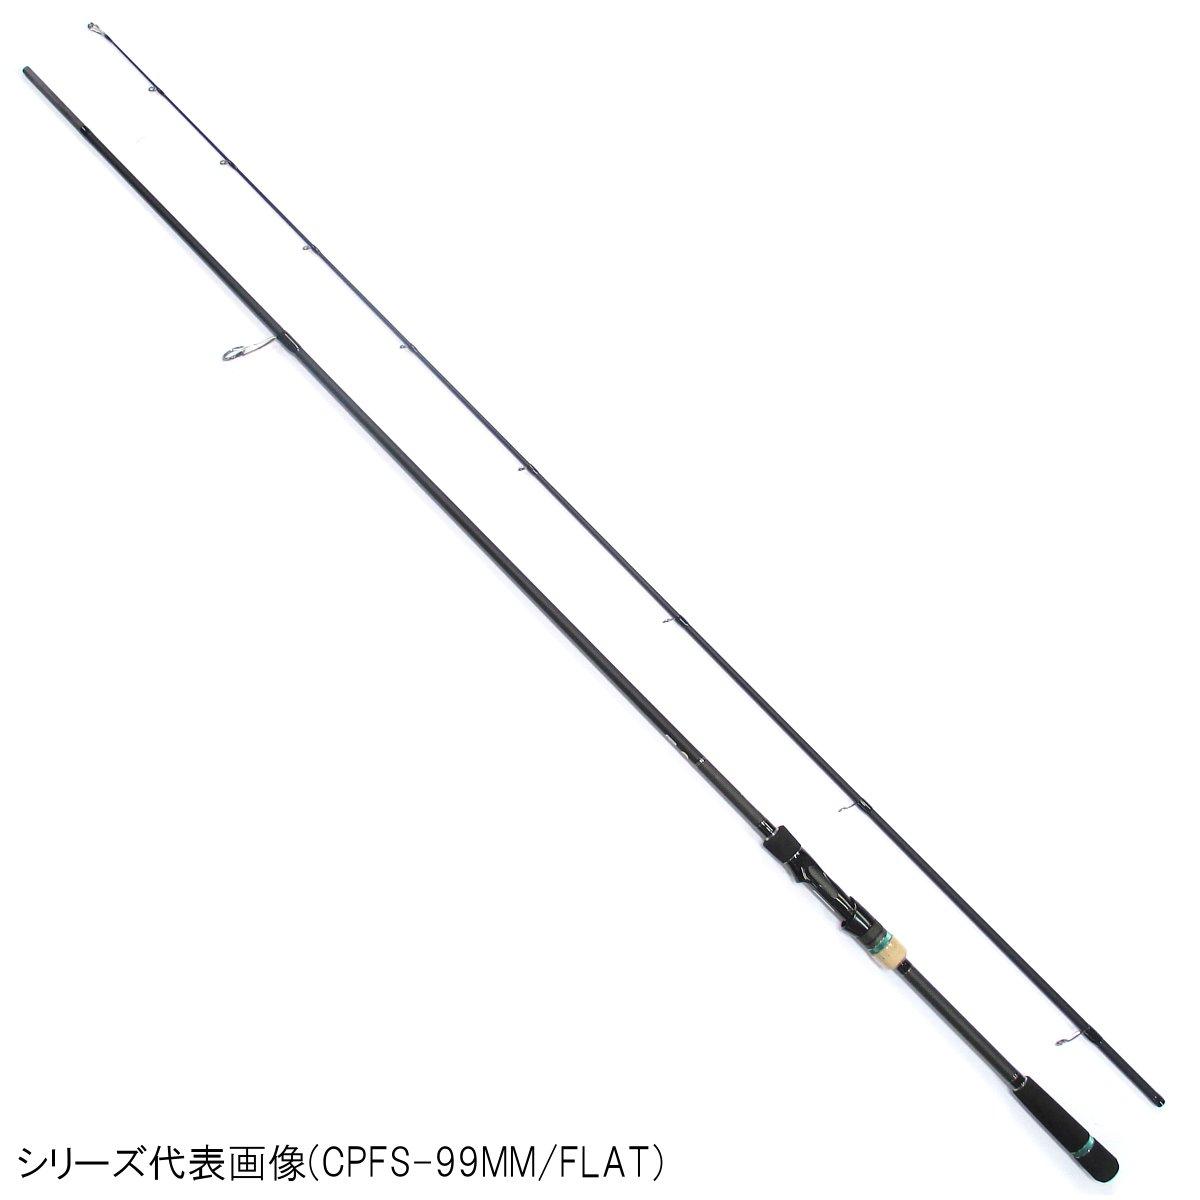 サイファリスト フラットセイバー CPFS-106M/FLAT【大型商品】(東日本店)